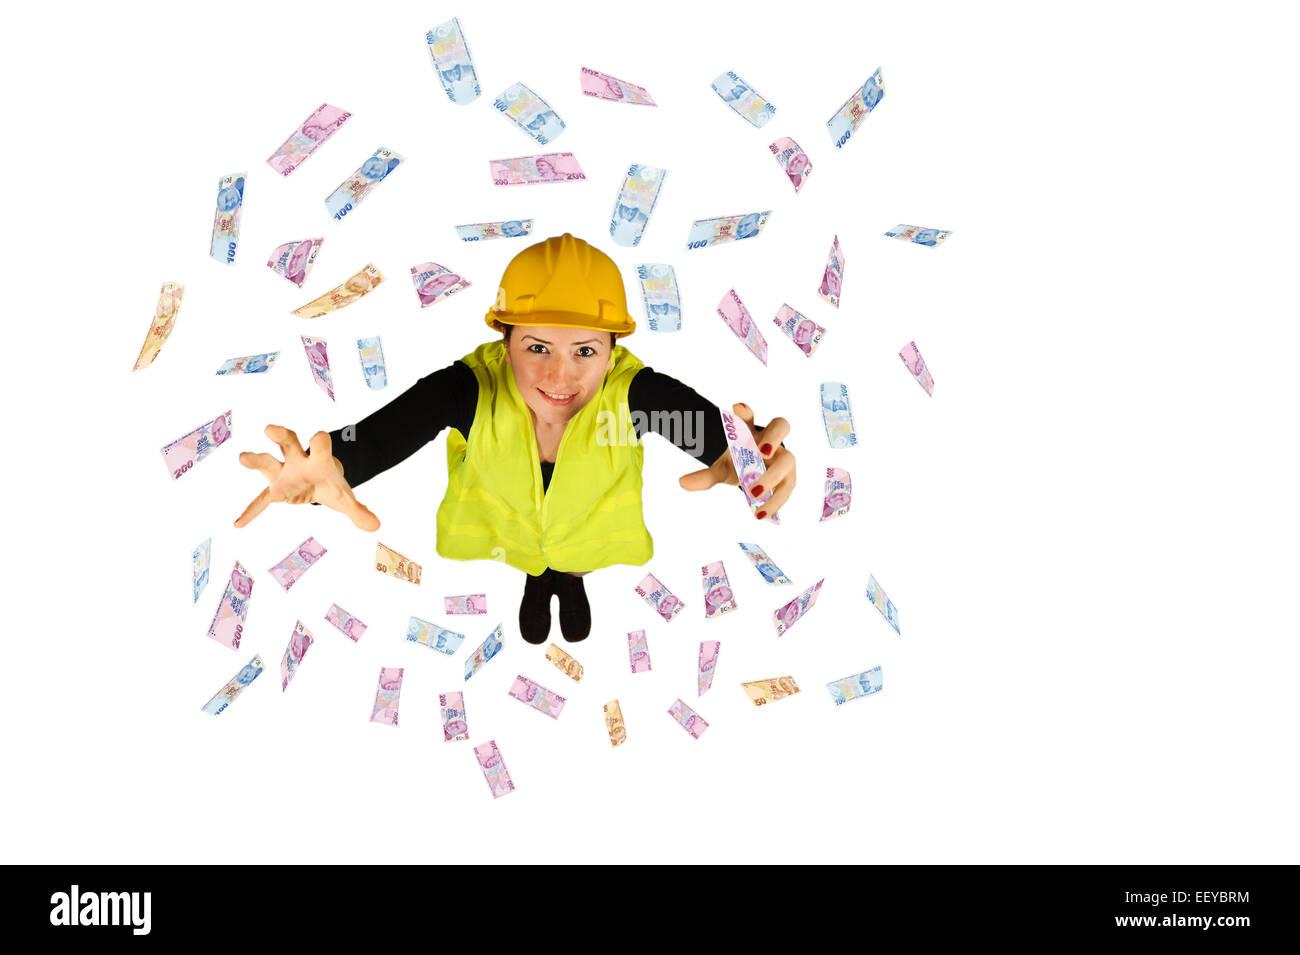 Collare blu dei salari dei lavoratori denaro battenti lira turca isolati su sfondo bianco Immagini Stock